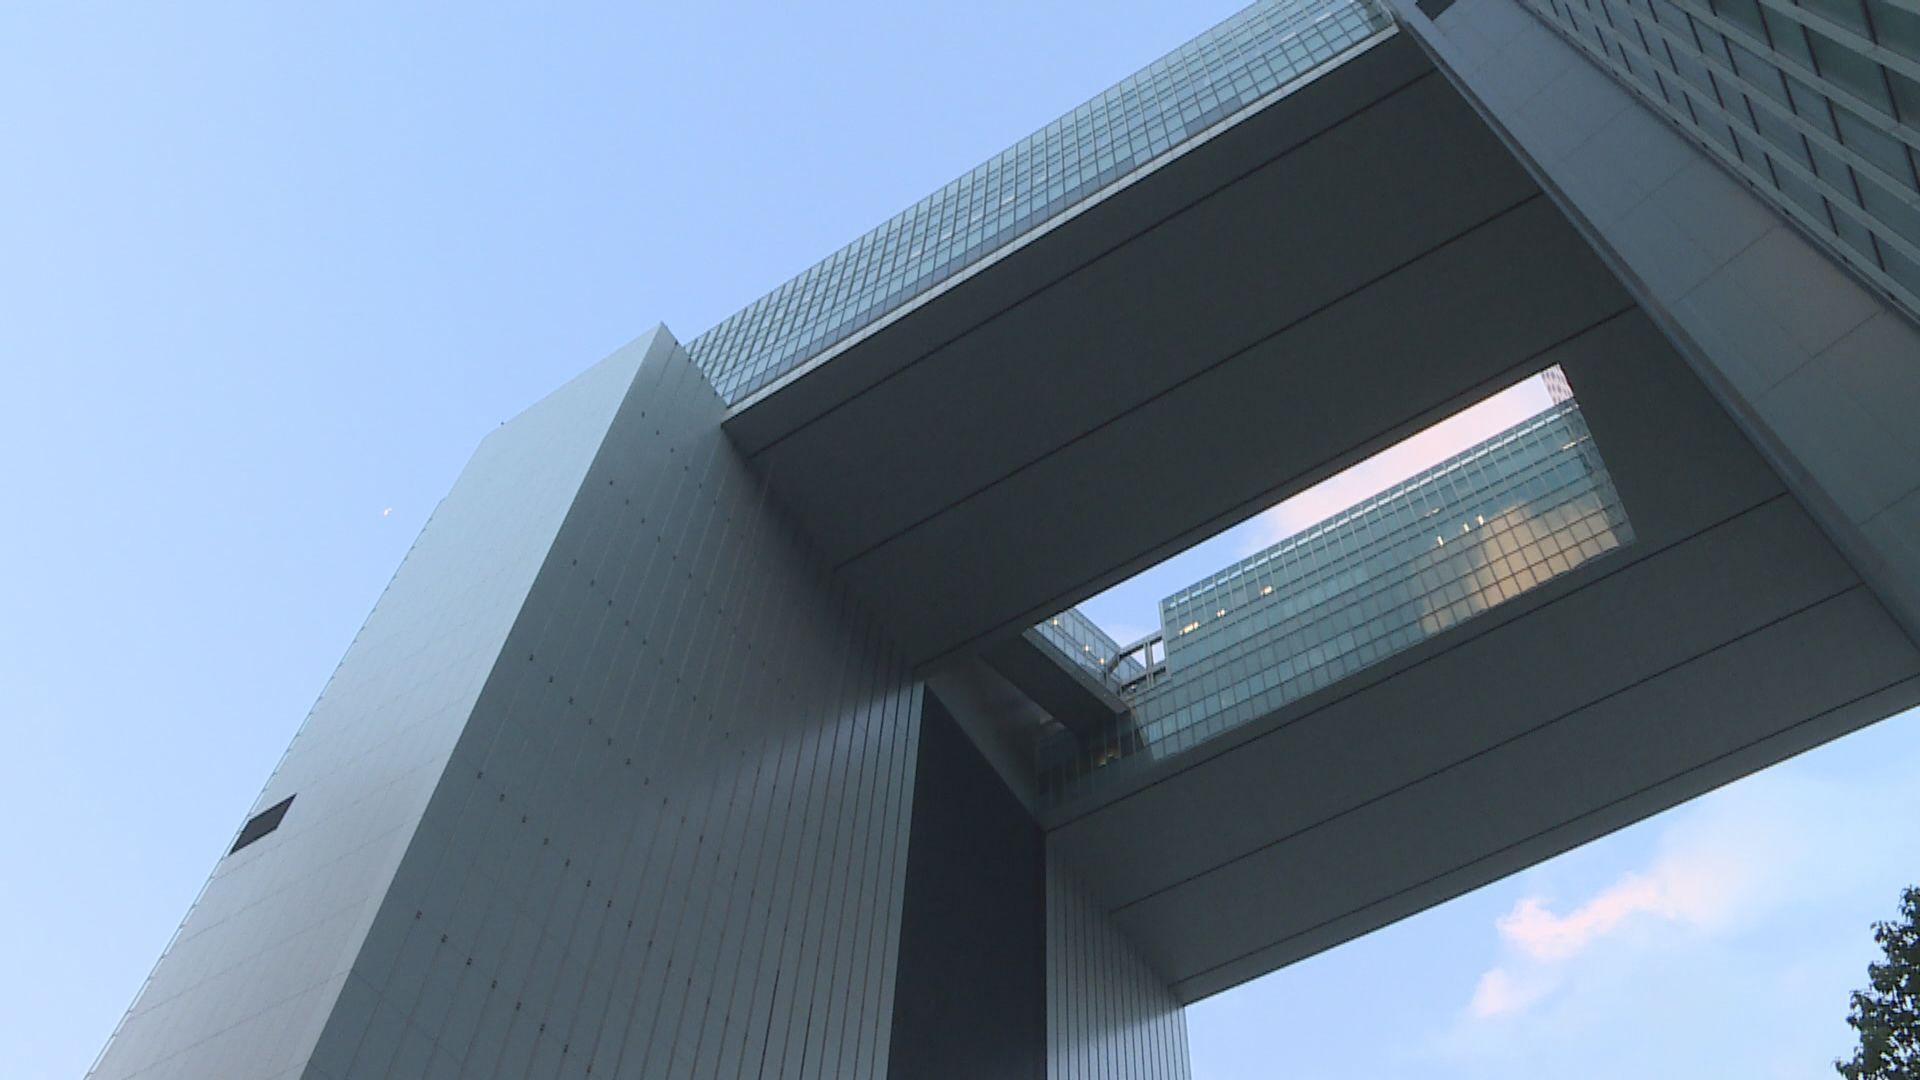 港府譴責美終止雙邊協議 促美方停止干預香港內部事務